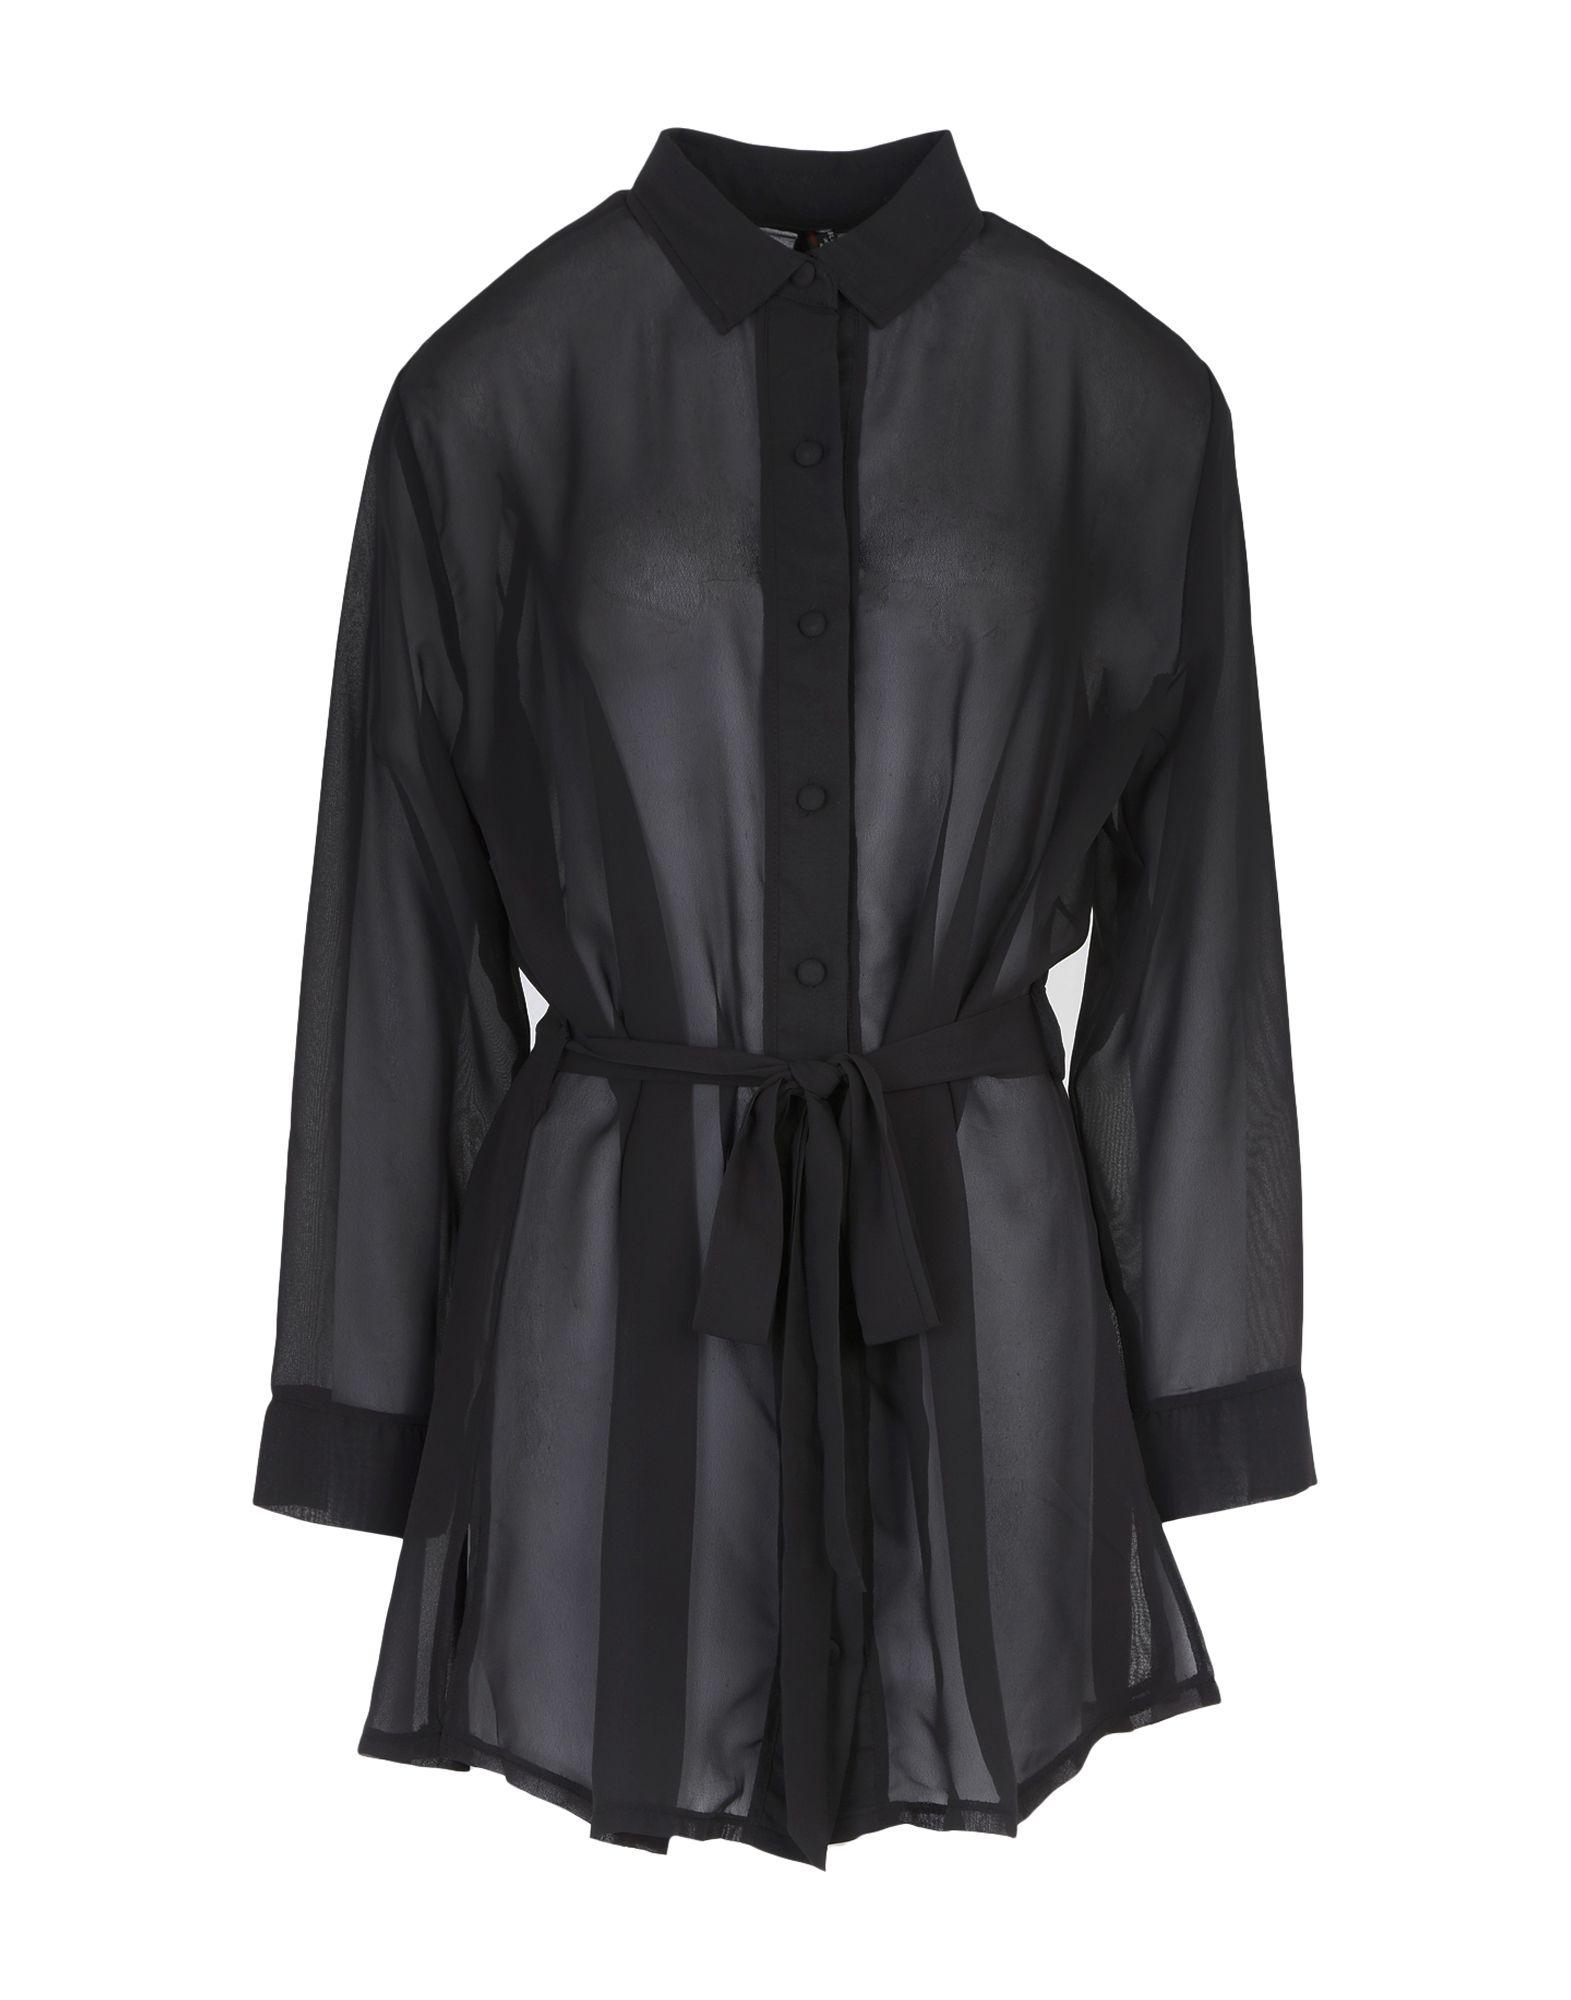 BLUEBELLA Damen Nachthemd Farbe Schwarz Größe 6